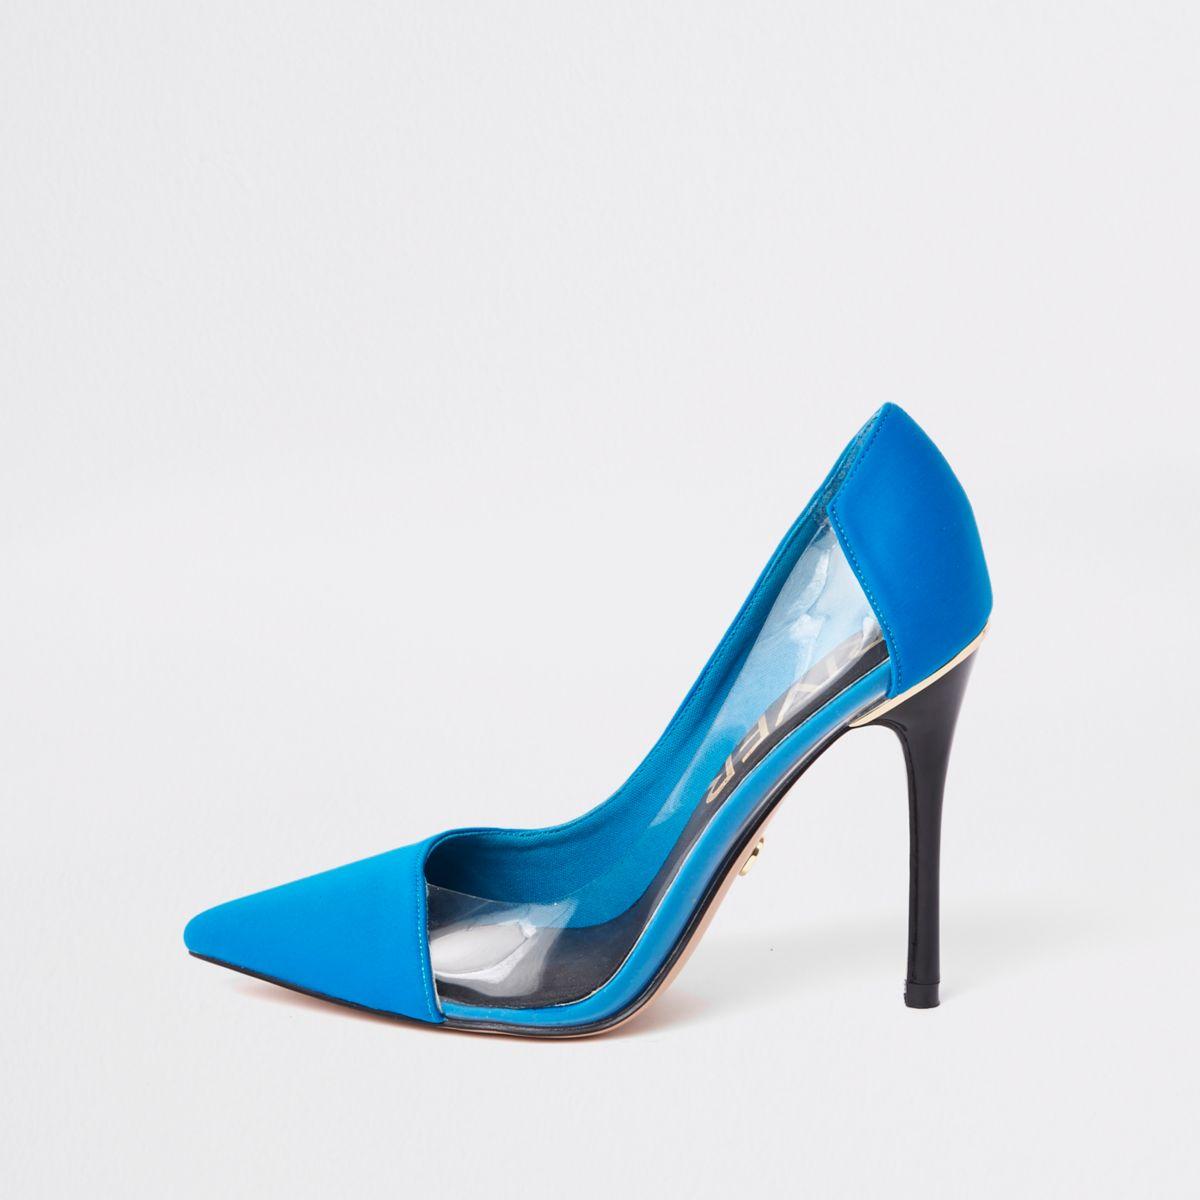 Blauwe pumps met perspex zijkant